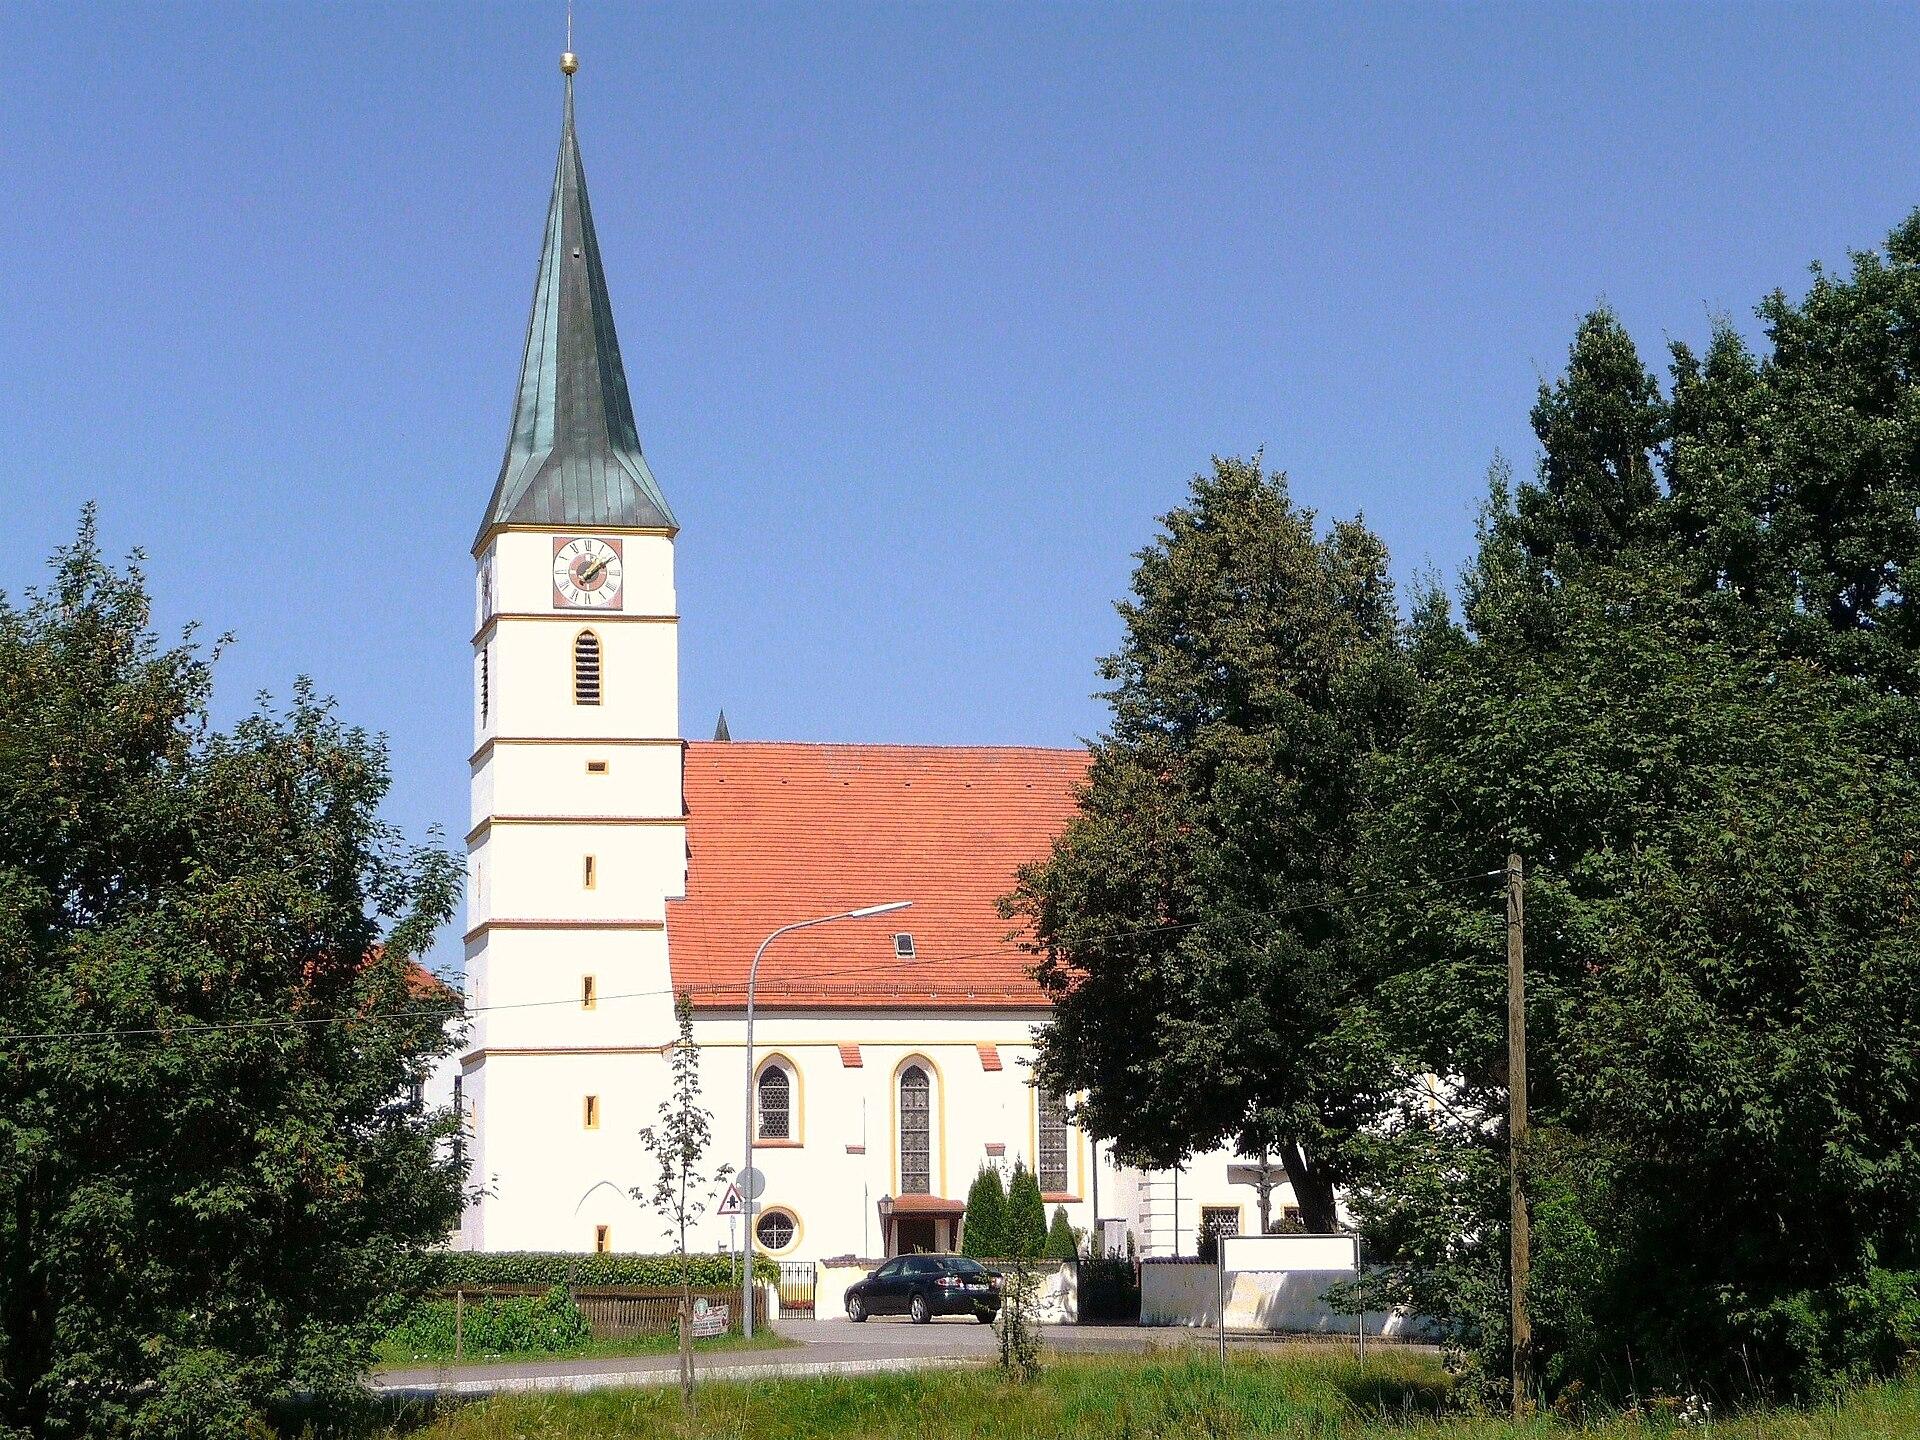 Aich Bodenkirchen